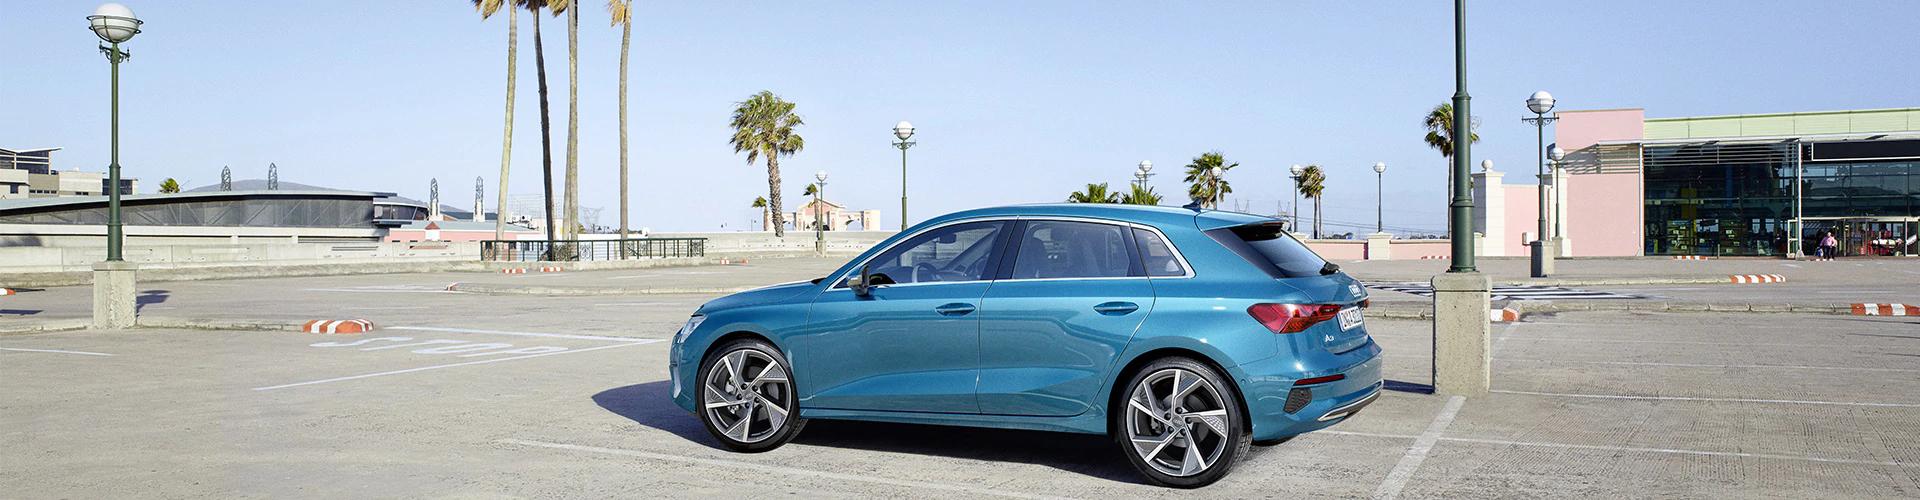 https://www.audi-laval.fr/wp-content/uploads/2021/05/Audi-A3-Sportback-Audi-Laval.png